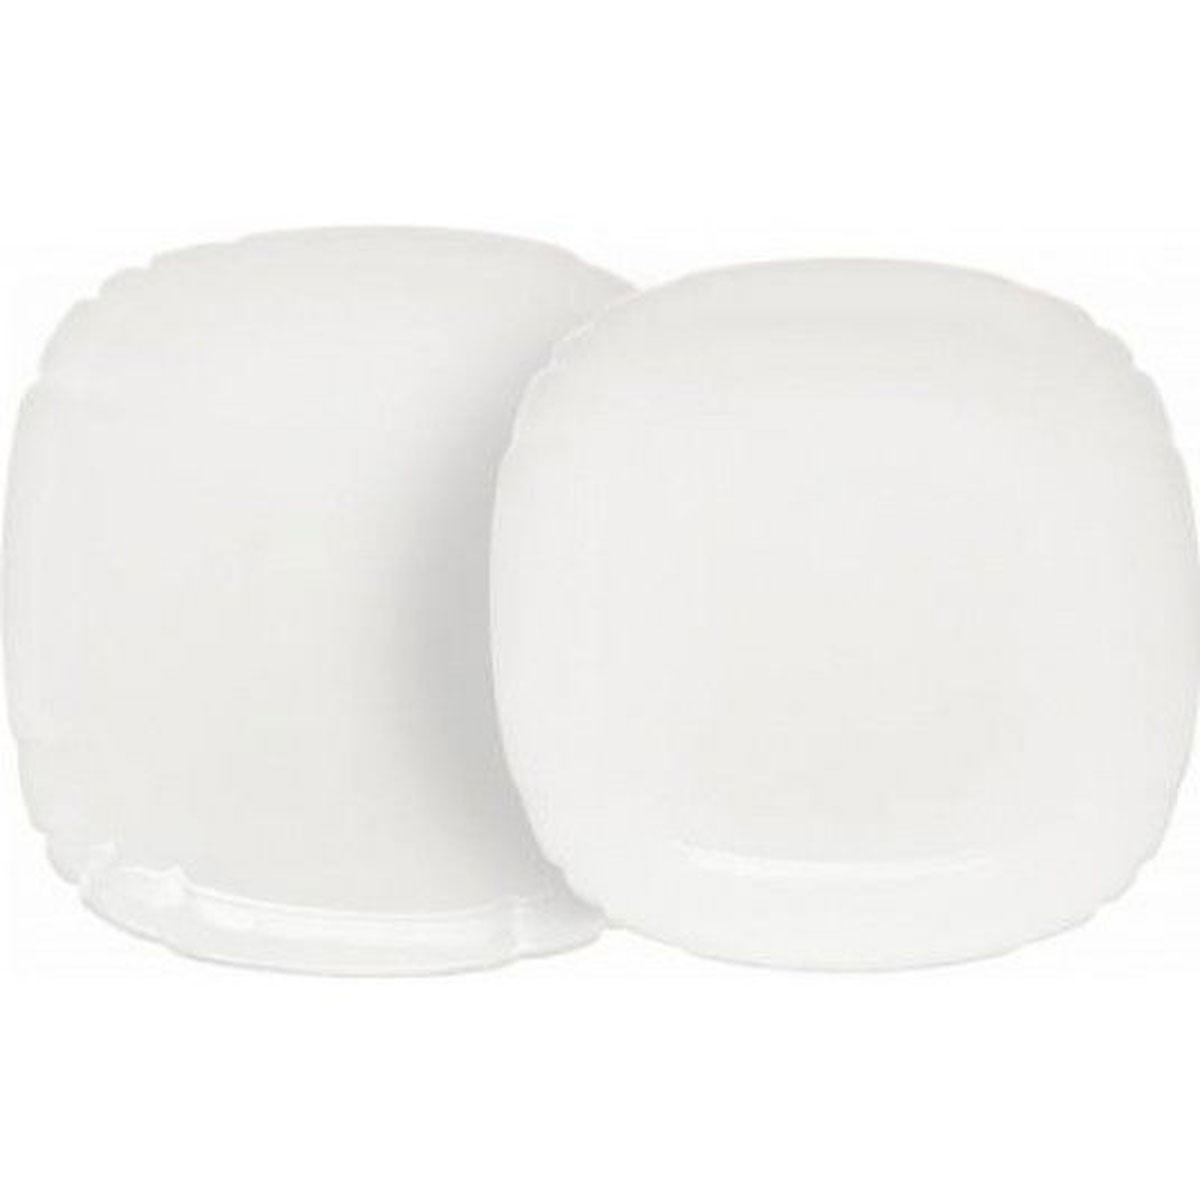 Набор столовой посуды Luminarc Lotusia, 12 предметовH3526Набор Luminarc Lotusia состоит из 6 суповых тарелок и 6 обеденных тарелок. Изделия выполнены из ударопрочного стекла, имеют яркий дизайн с рельефным краям и изящную квадратную форму. Посуда отличается прочностью, гигиеничностью и долгим сроком службы, она устойчива к появлению царапин и резким перепадам температур. Такой набор прекрасно подойдет как для повседневного использования, так и для праздников или особенных случаев. Набор столовой посуды Luminarc Lotusia - это не только яркий и полезный подарок для родных и близких, а также великолепное дизайнерское решение для вашей кухни или столовой. Можно мыть в посудомоечной машине и использовать в микроволновой печи. Размер суповой тарелки: 20,5 см х 20,5 см. Высота суповой тарелки: 3,5 см. Размер обеденной тарелки: 25 см х 25 см. Высота обеденной тарелки: 1,8 см.